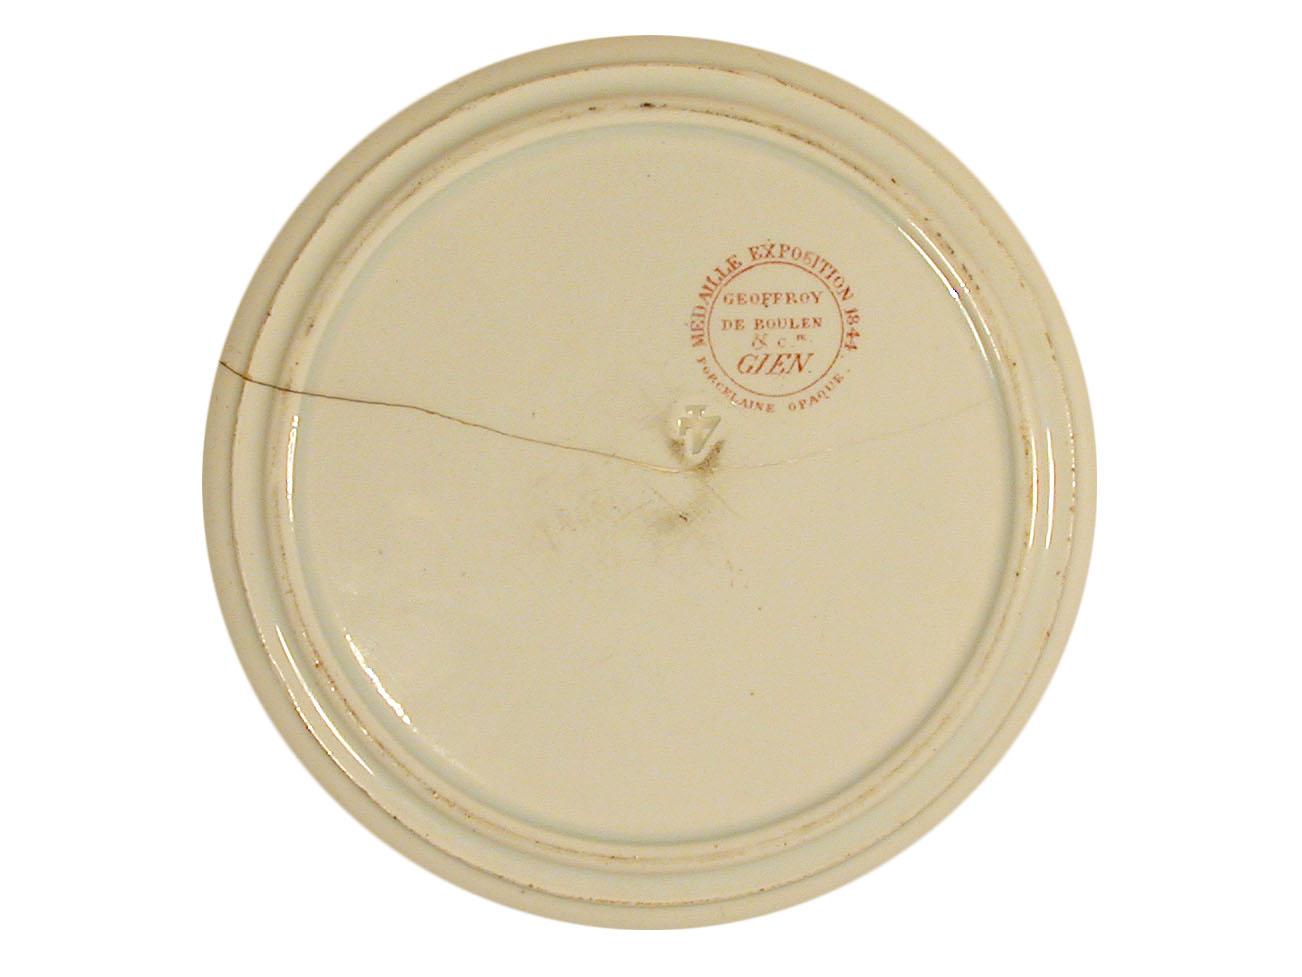 Sur le revers de l'assiette, se trouve la marque du fabricant.